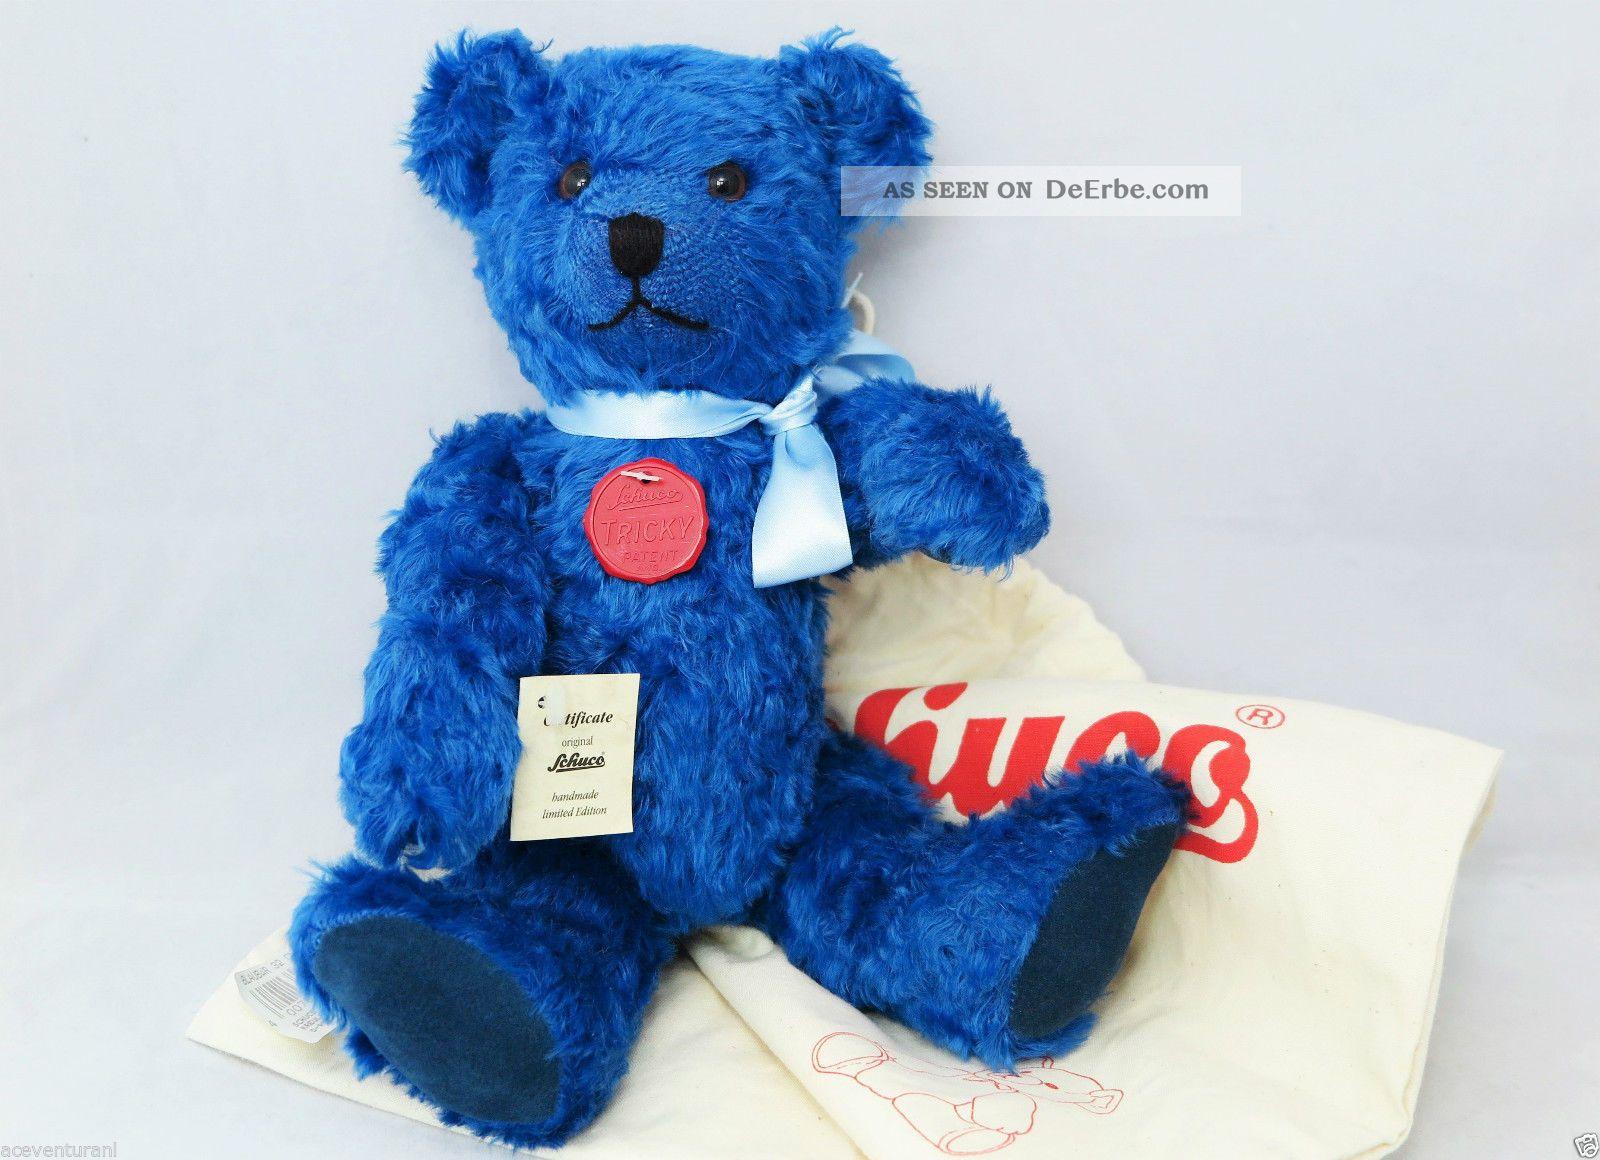 Schuco Tricky Blau Bär Nr.  09052 - Lim.  Ed.  388/500 - In Ovp (1997) Blue Bear Stofftiere & Teddybären Bild